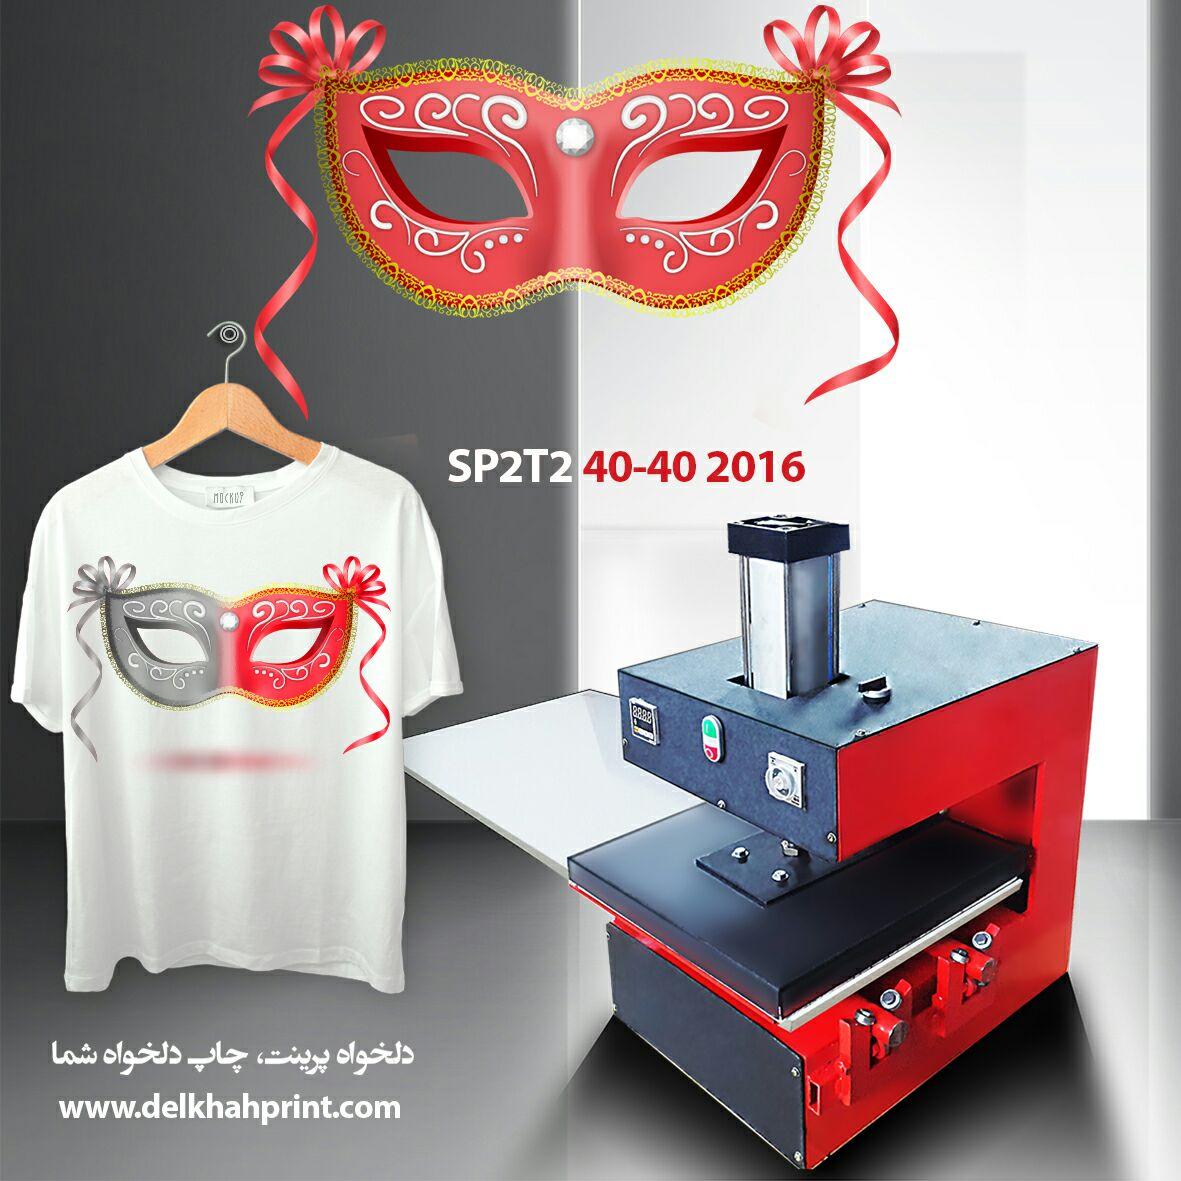 دستگاه چاپ تیشرت پنوماتیک دستگاه تک کاره پرس سطوح صاف ۴۰ در ۴۰ دستگاه تک کاره پرس سطوح صاف ۴۰ در ۴۰ 421906121 56342